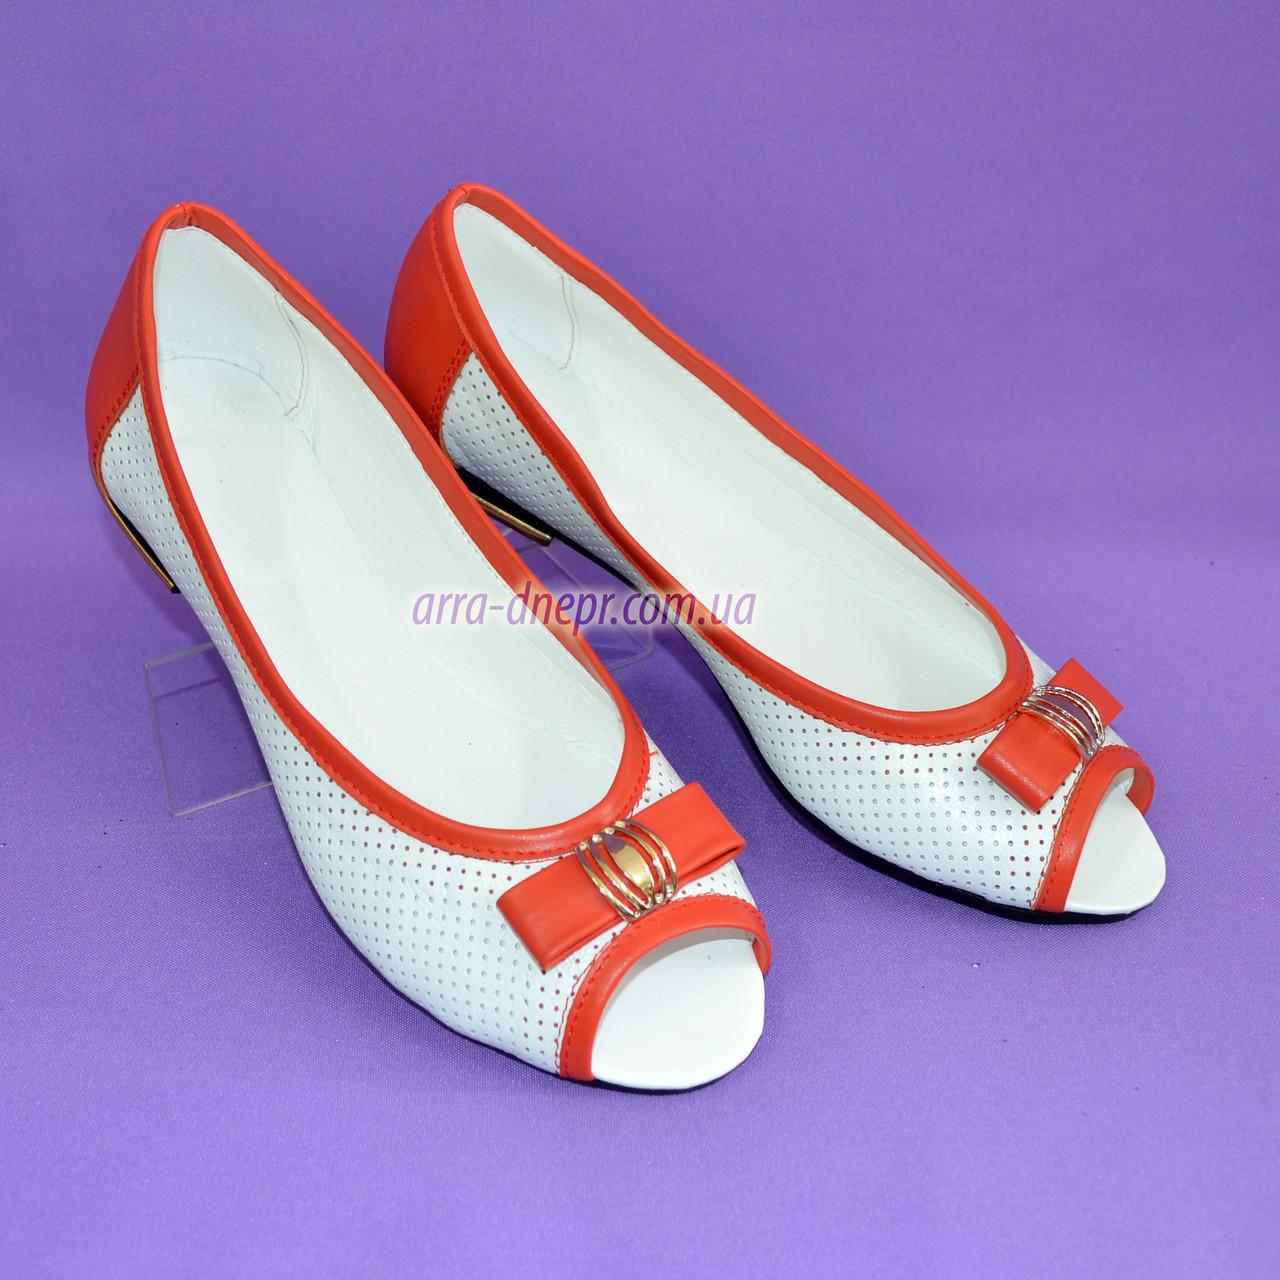 Женские летние кожаные балетки с открытым носком, декорированные бантиком, цвет белый/коралл